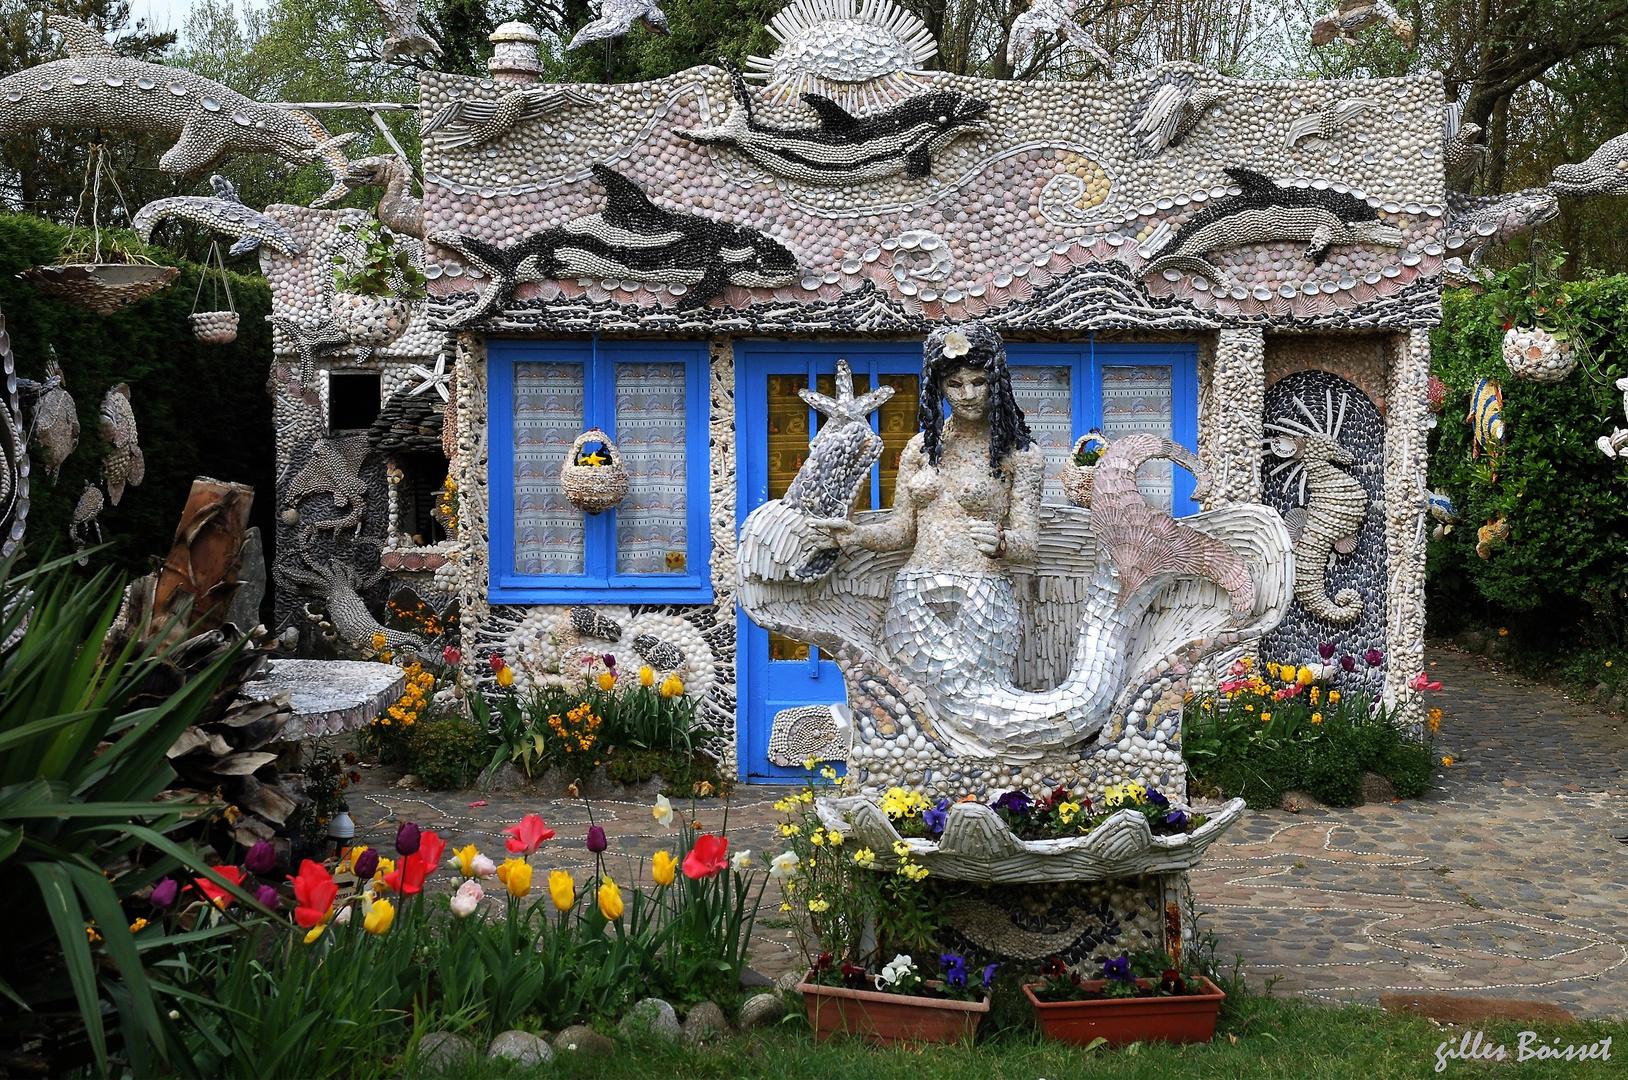 La maison id ale de monsieur cl ment photo et image normandie statues special images - Maison ideale ...